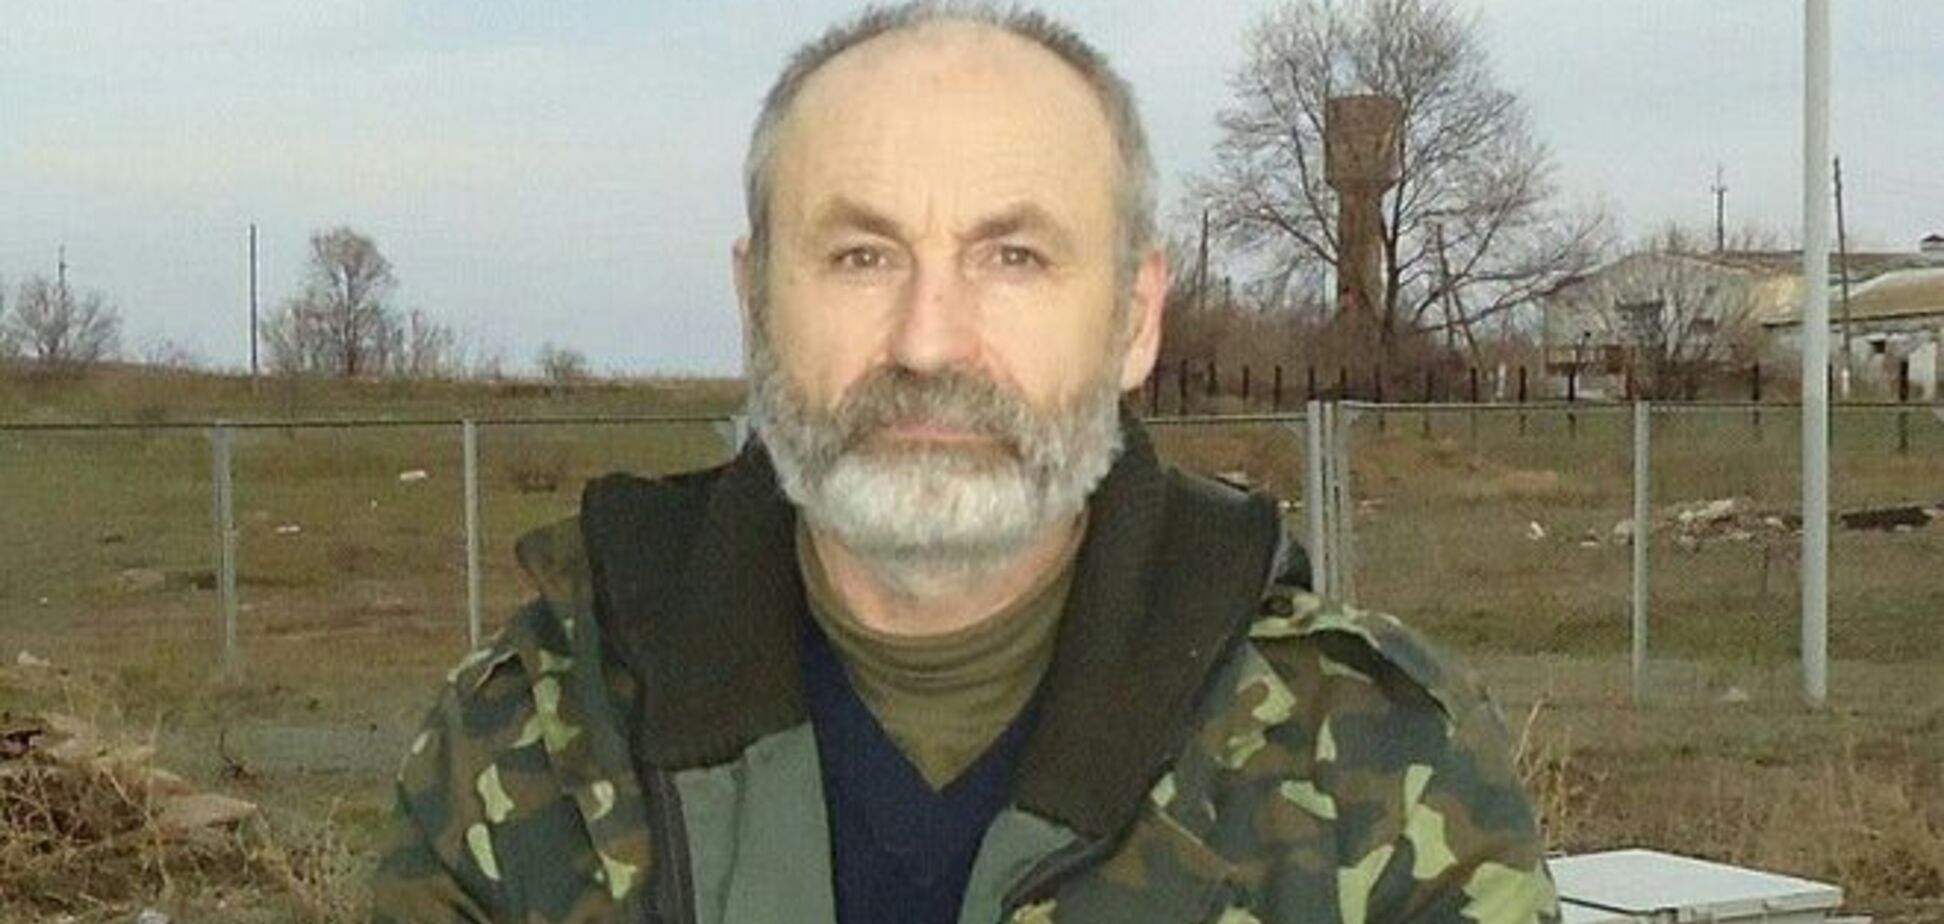 Переговорщики вернули из плена террористов домой полковника 'Кривбасса': фотофакт